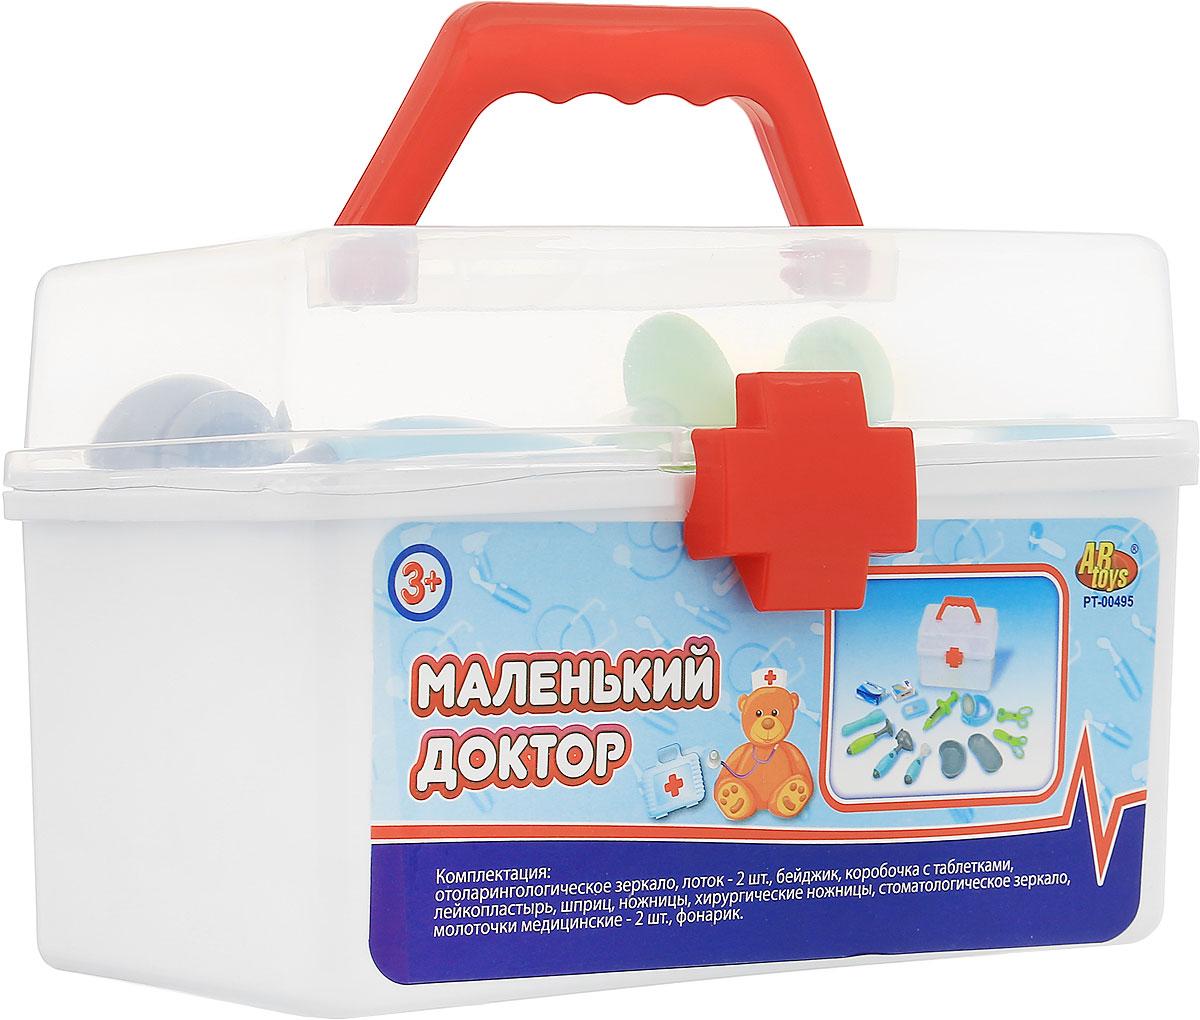 ABtoys Игровой набор Маленький доктор 15 предметов abtoys игрушечный набор маленький доктор